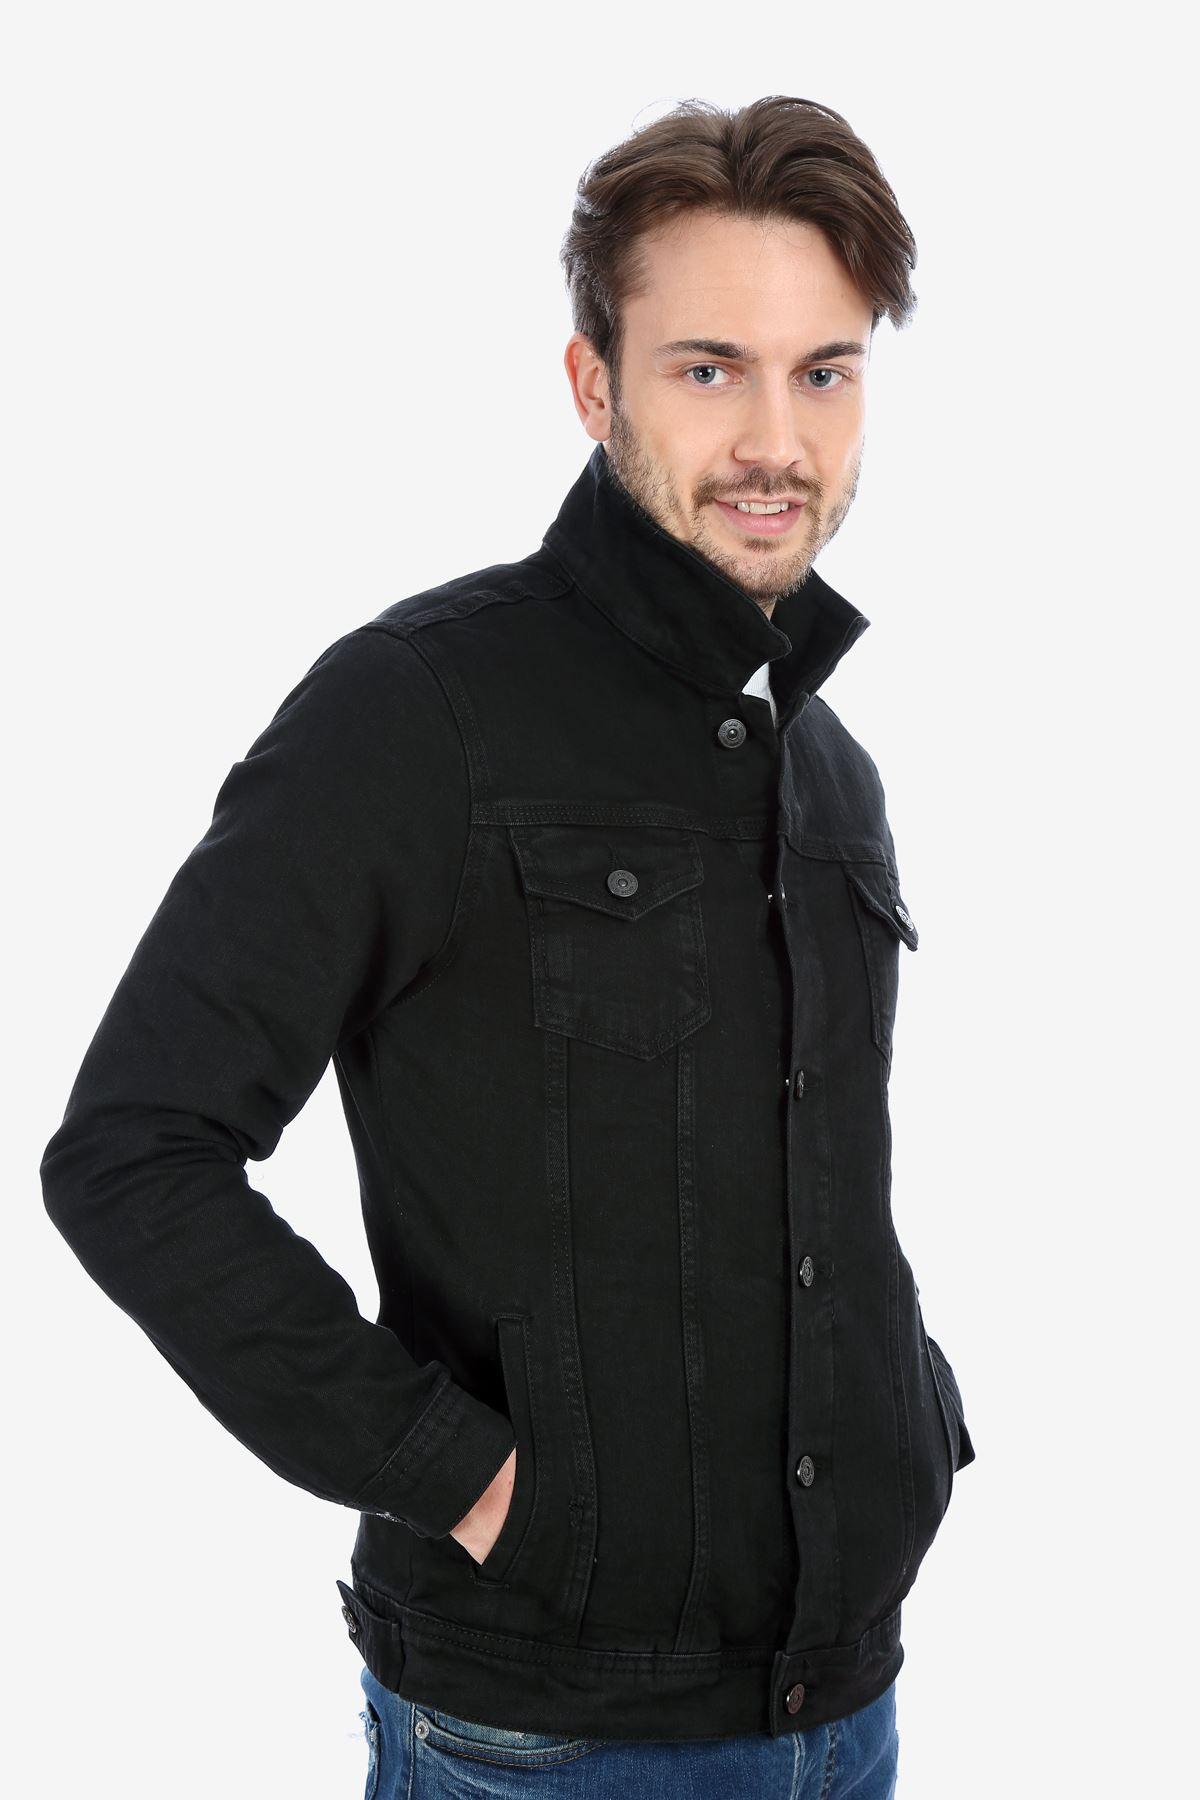 Çift Cep Düğmeli Yakalı Siyah Erkek Kot Ceket